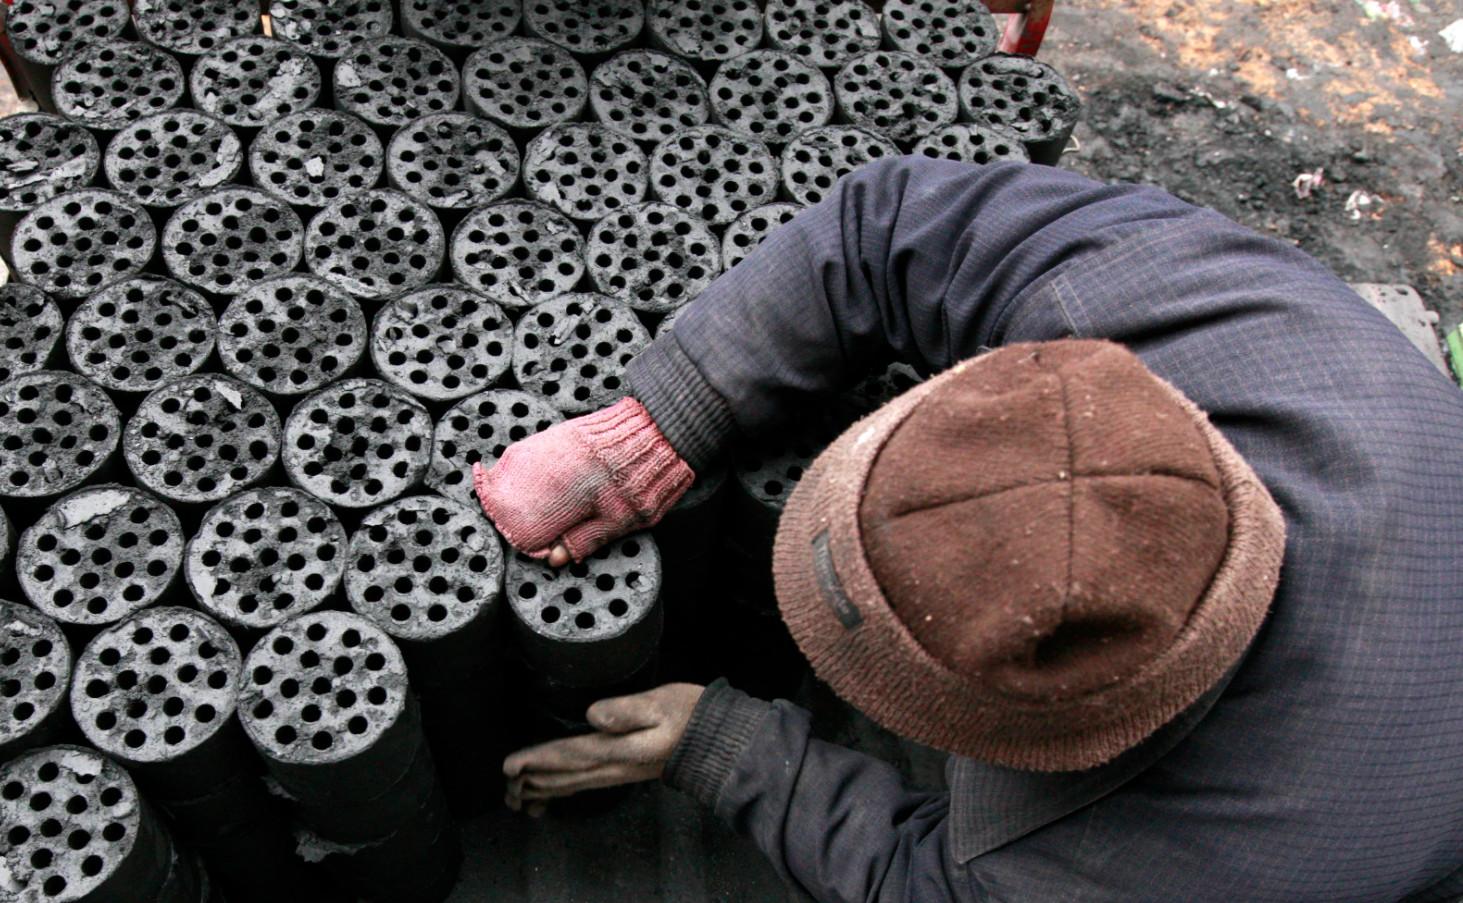 Truyền thông Mỹ: Trung Quốc phát thải khí nhà kính nhiều hơn cả Mỹ và nhiều nước phát triển khác - Ảnh 3.